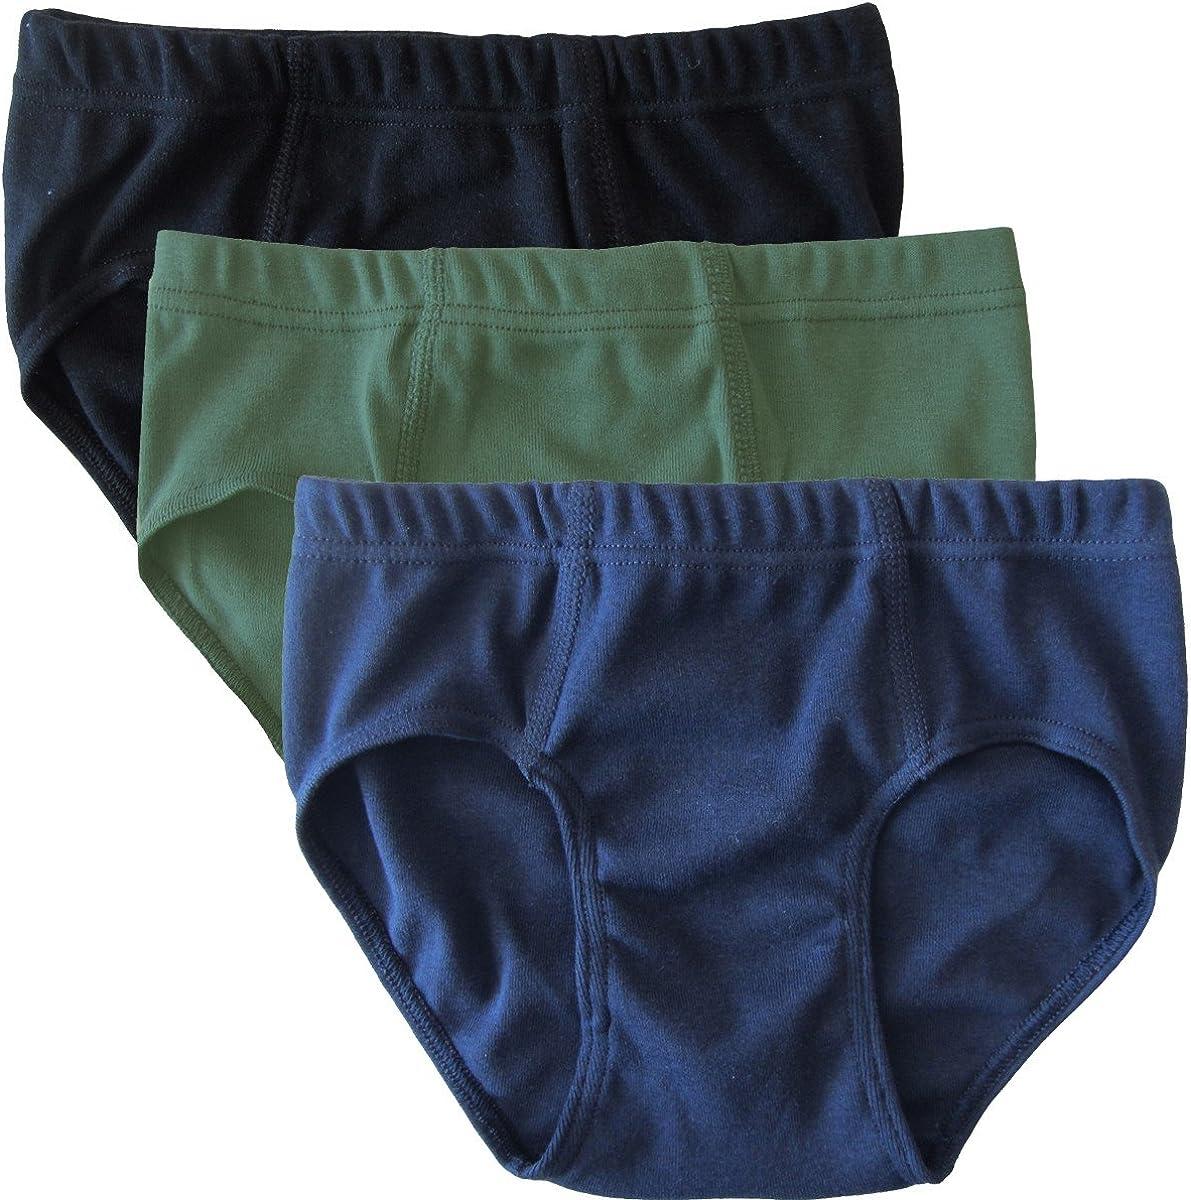 Taille /élastique 100/% Coton Couleur Unique HERMKO 2850 Lot de 3 Slips gar/çons